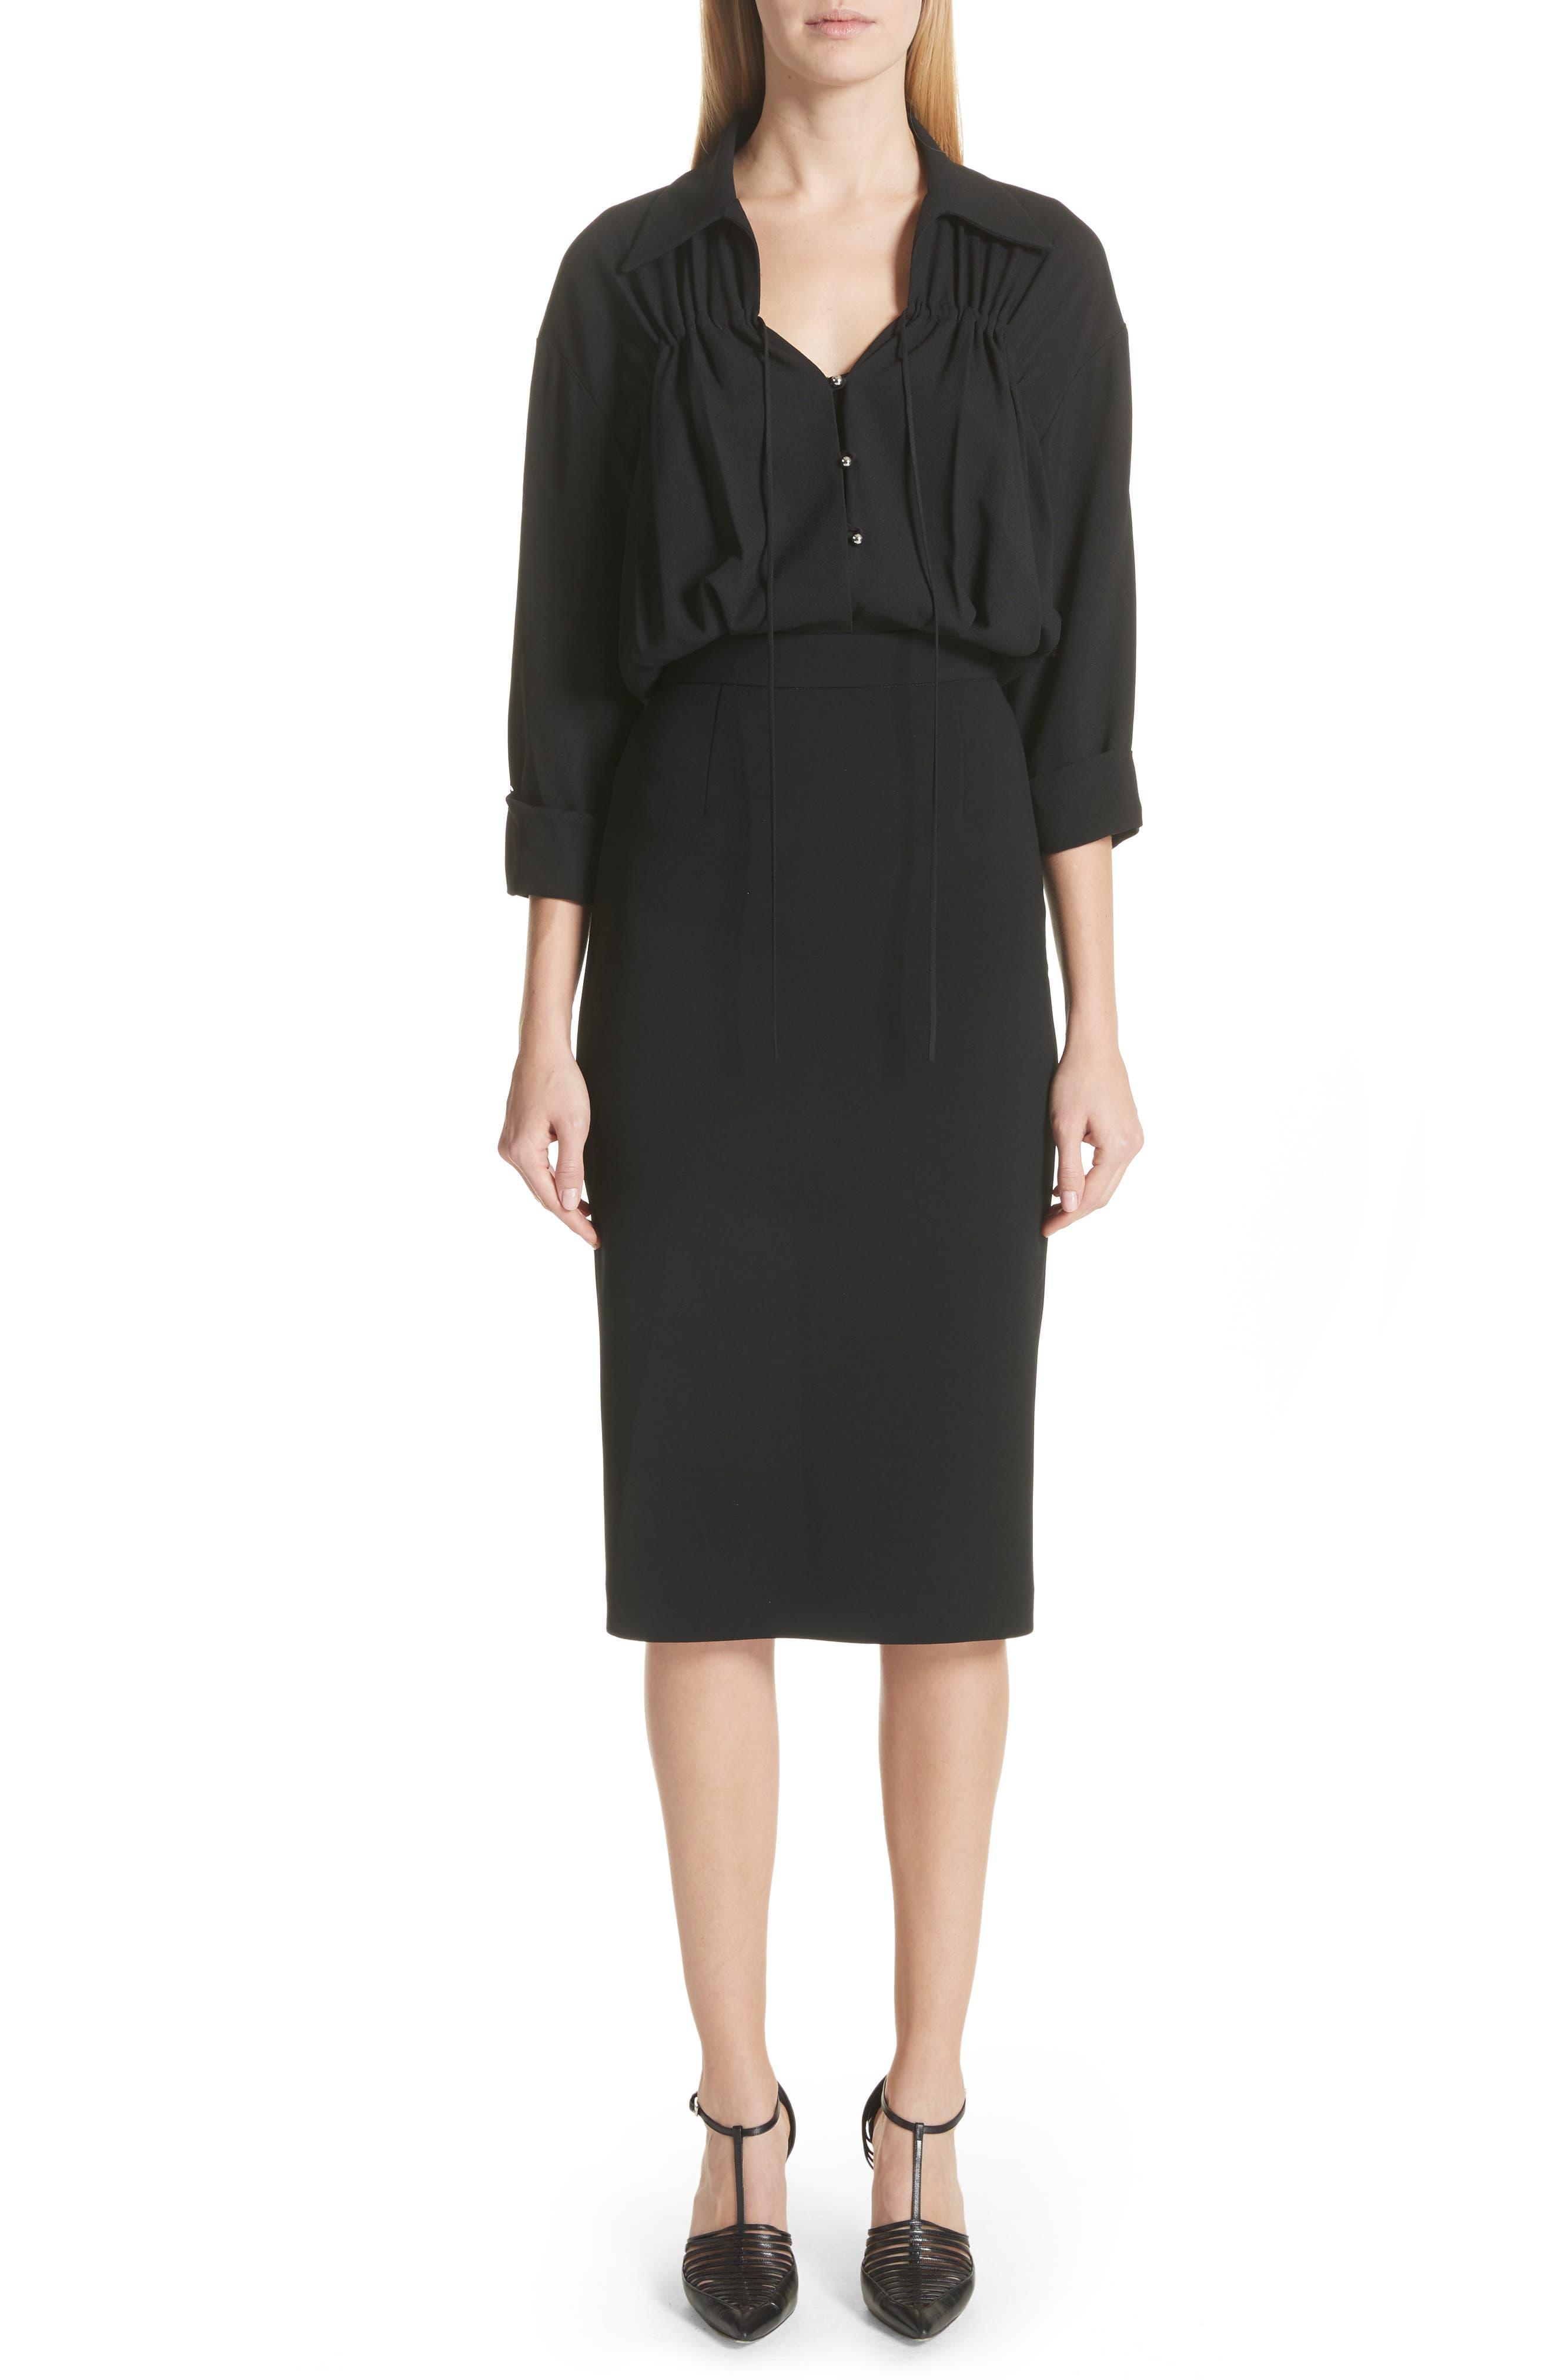 Jason Wu Ruched Blouson Dress